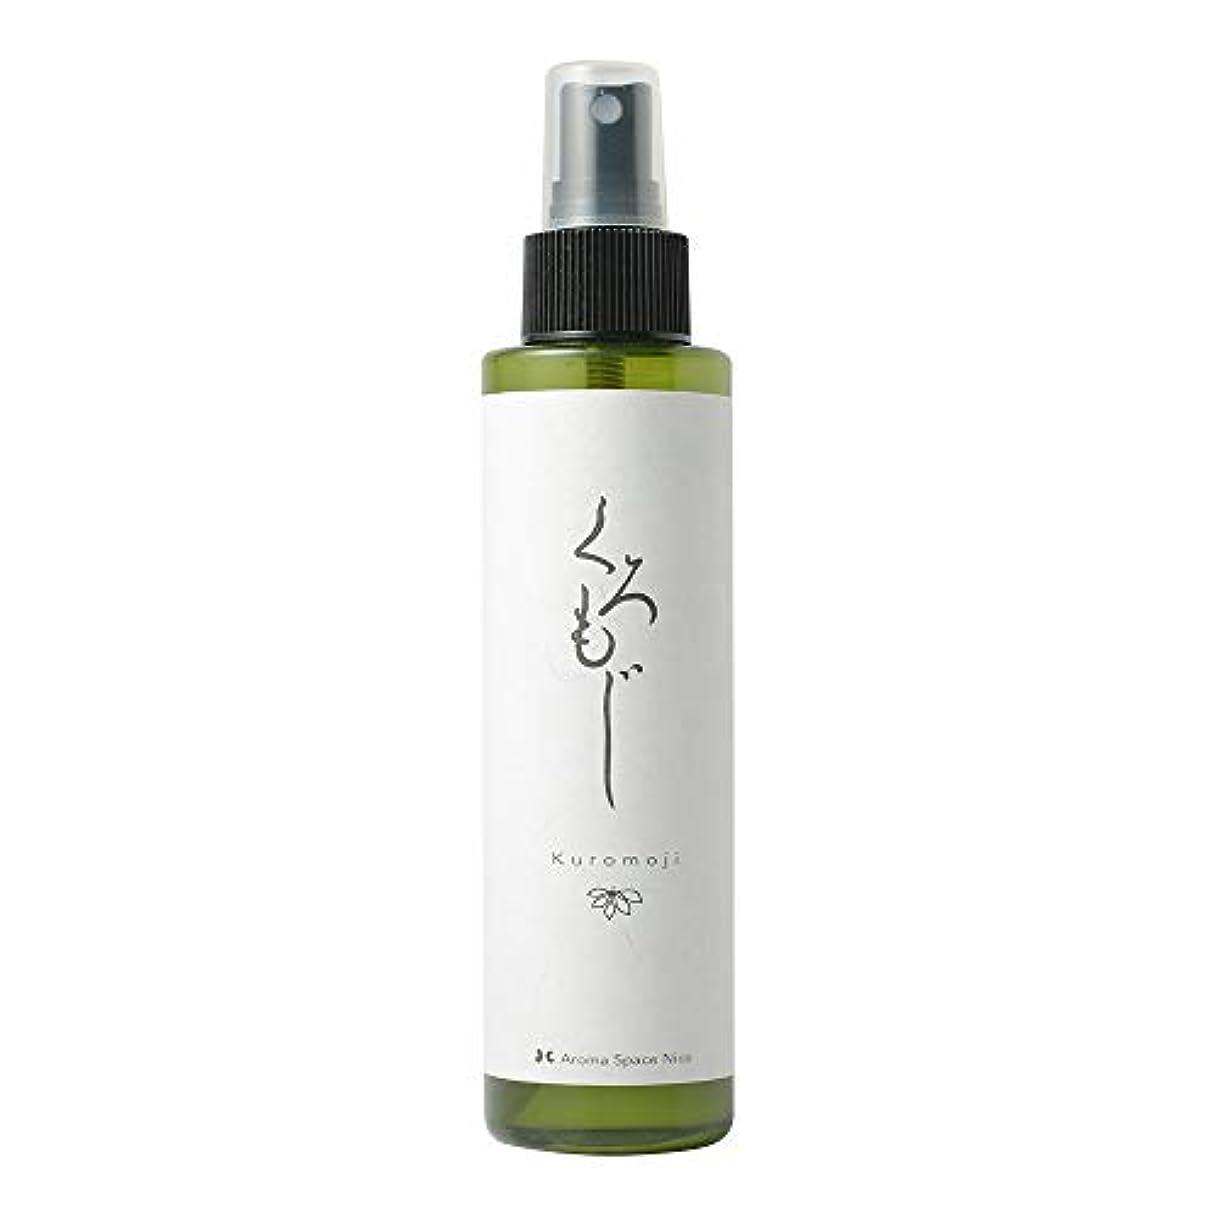 大鎮痛剤幻滅無添加 さっぱり 化粧水 [NICOクロモジハーブウォーター(150ml)] 敏感肌 ミスト 天然成分100% 心が和む和の香り …